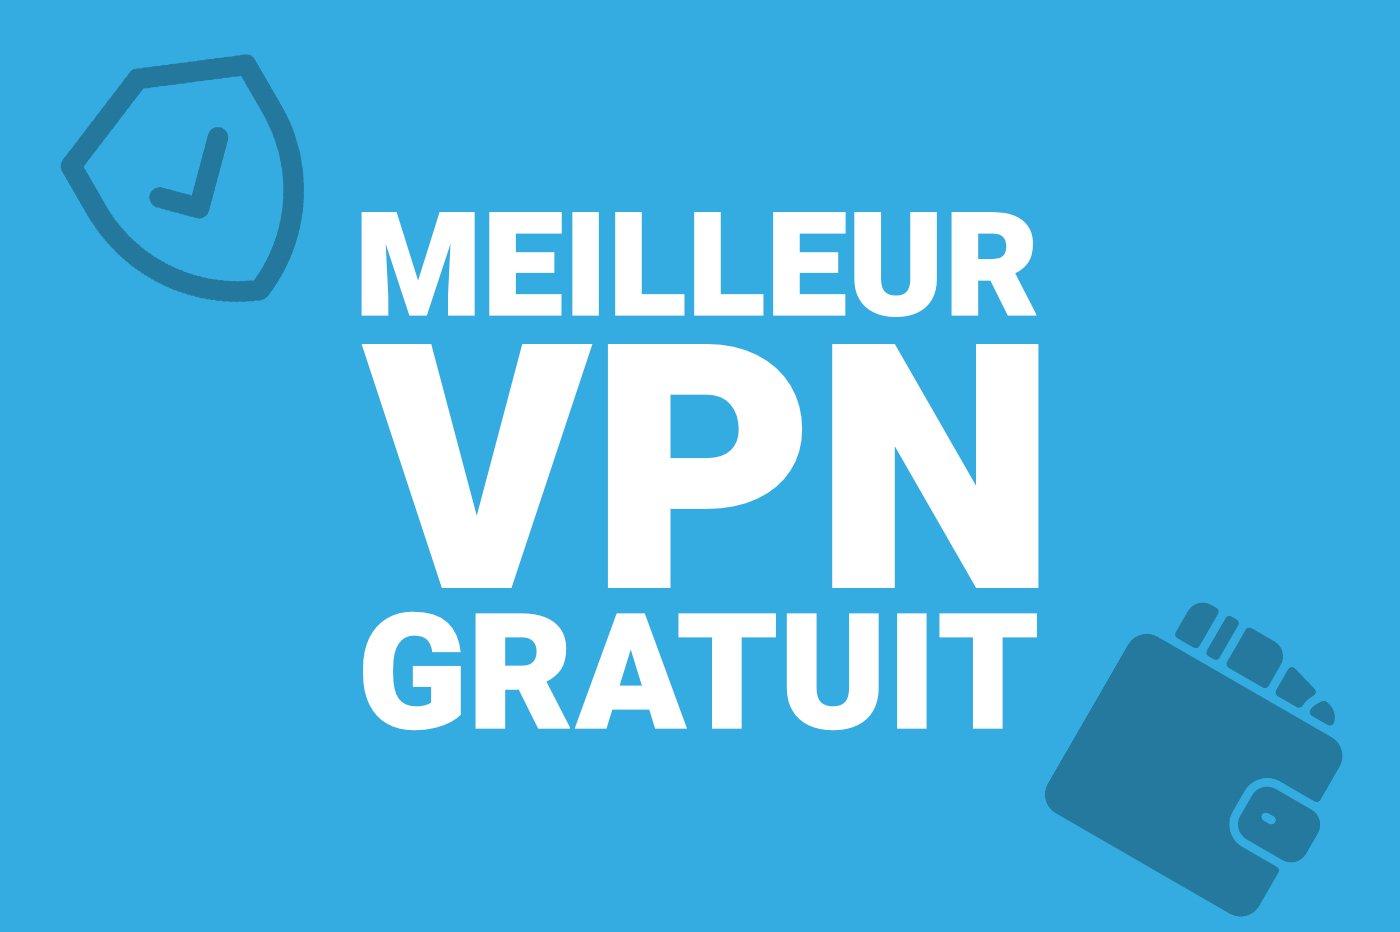 TOP VPN gratuits